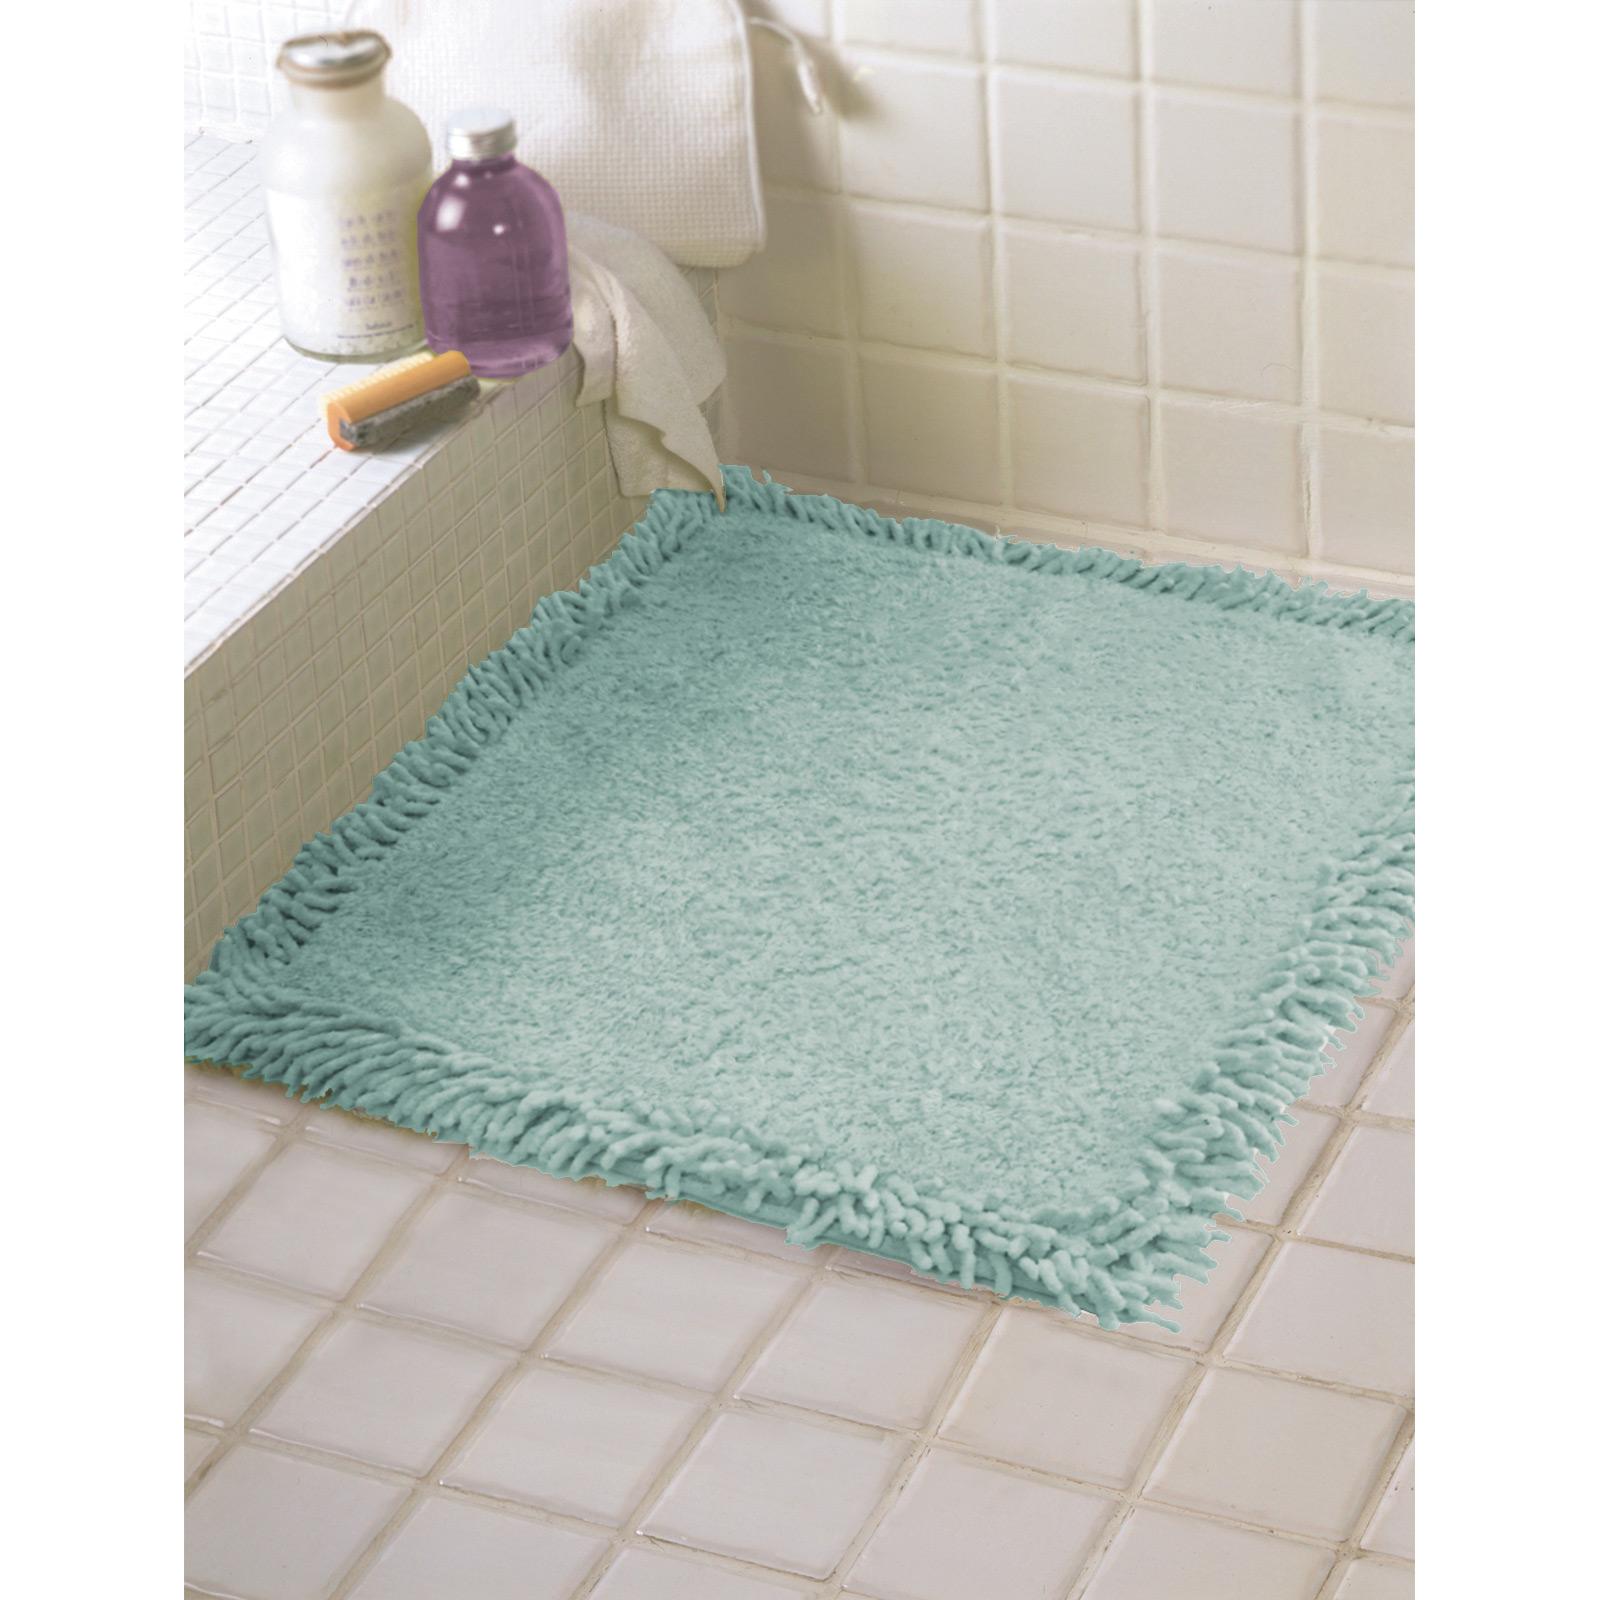 60cm X 60cm Shower Mat Floor Towel Bath Rug 100% Cotton